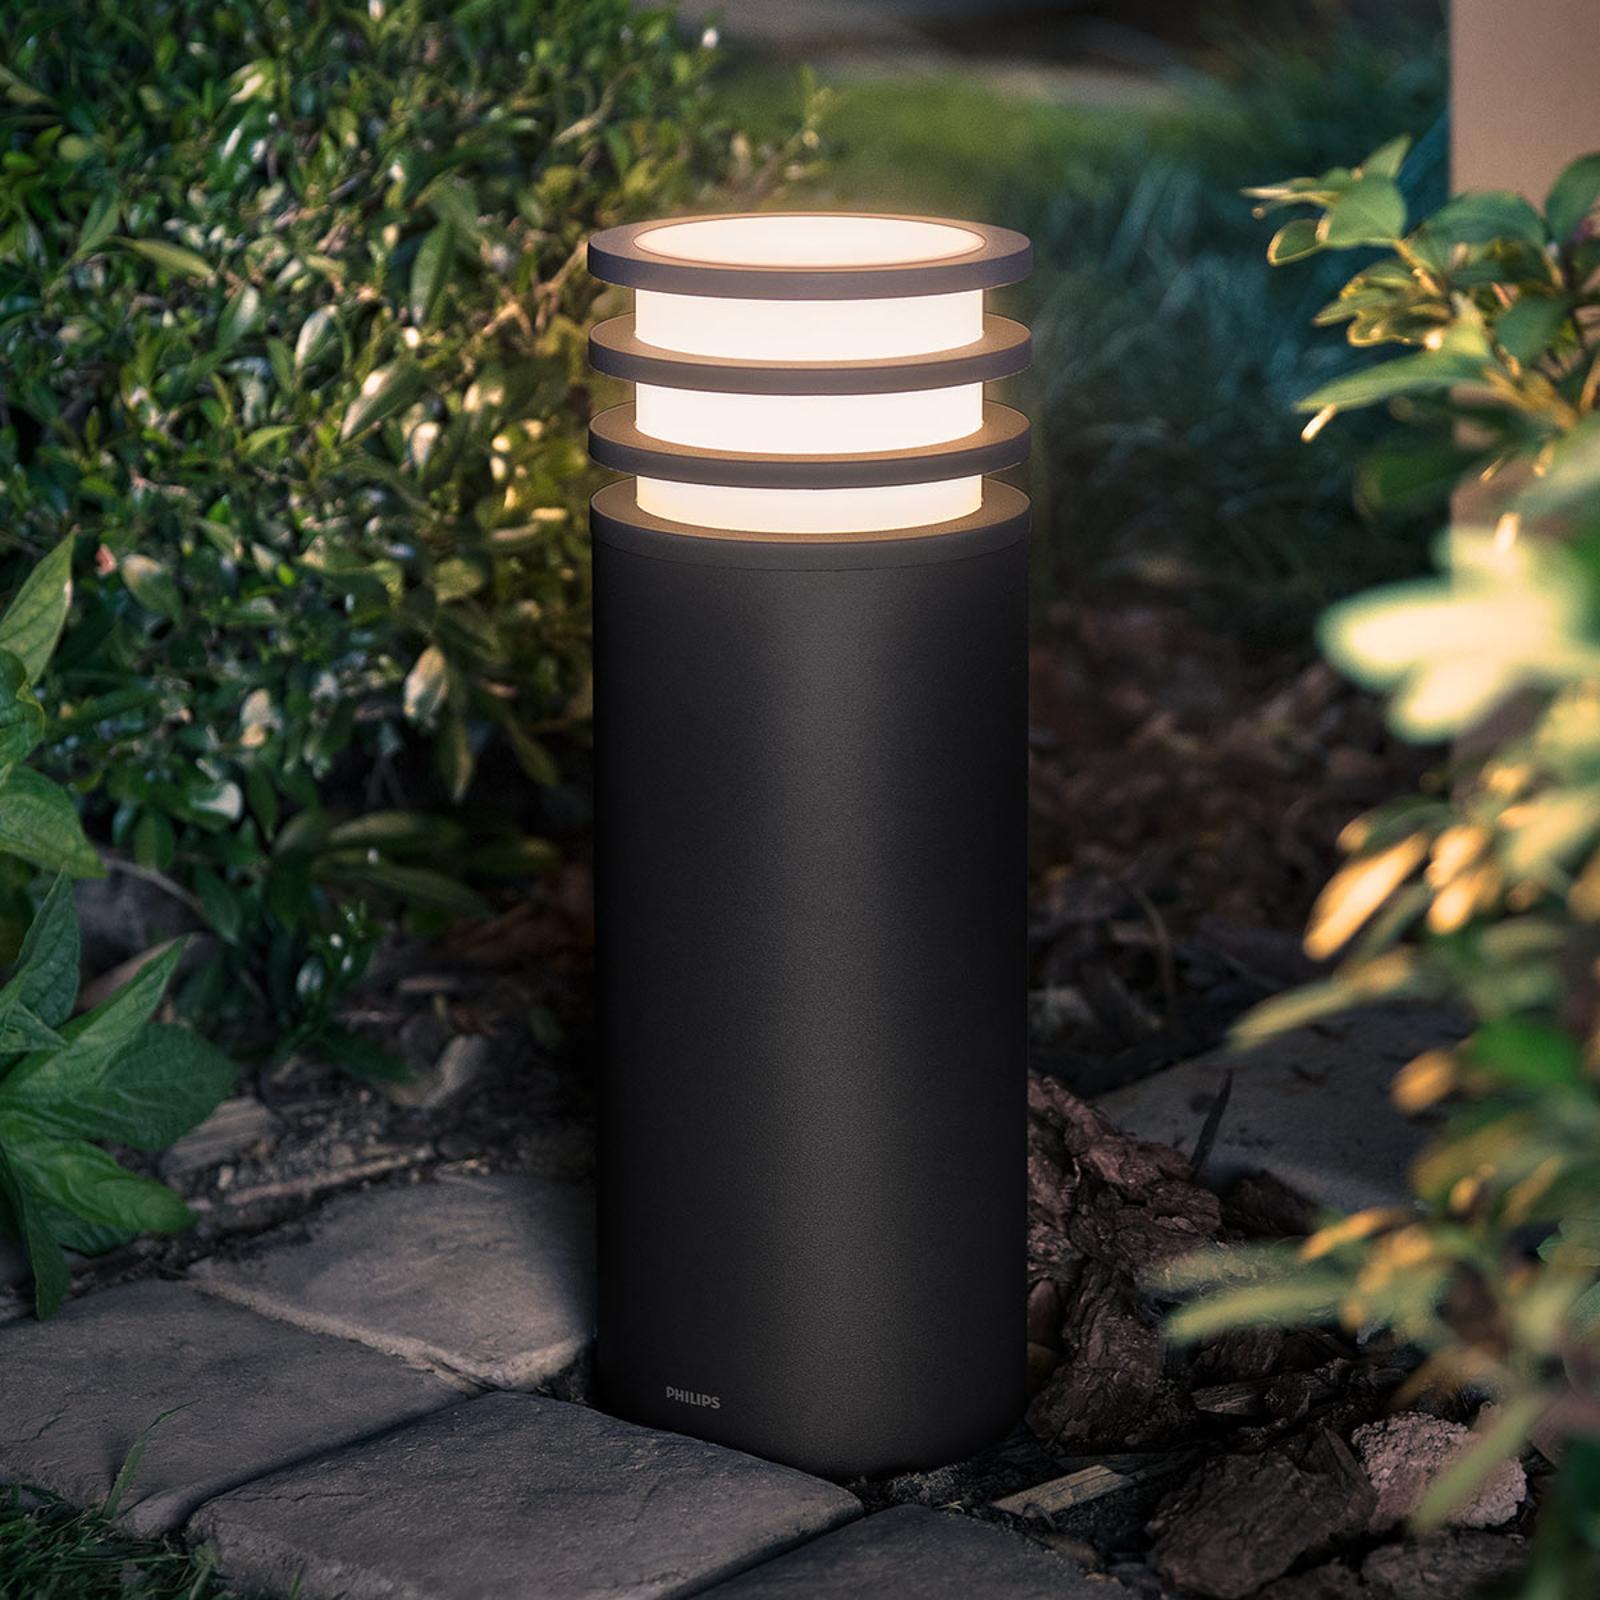 Philips Hue potelet LED Lucca, commande par appli